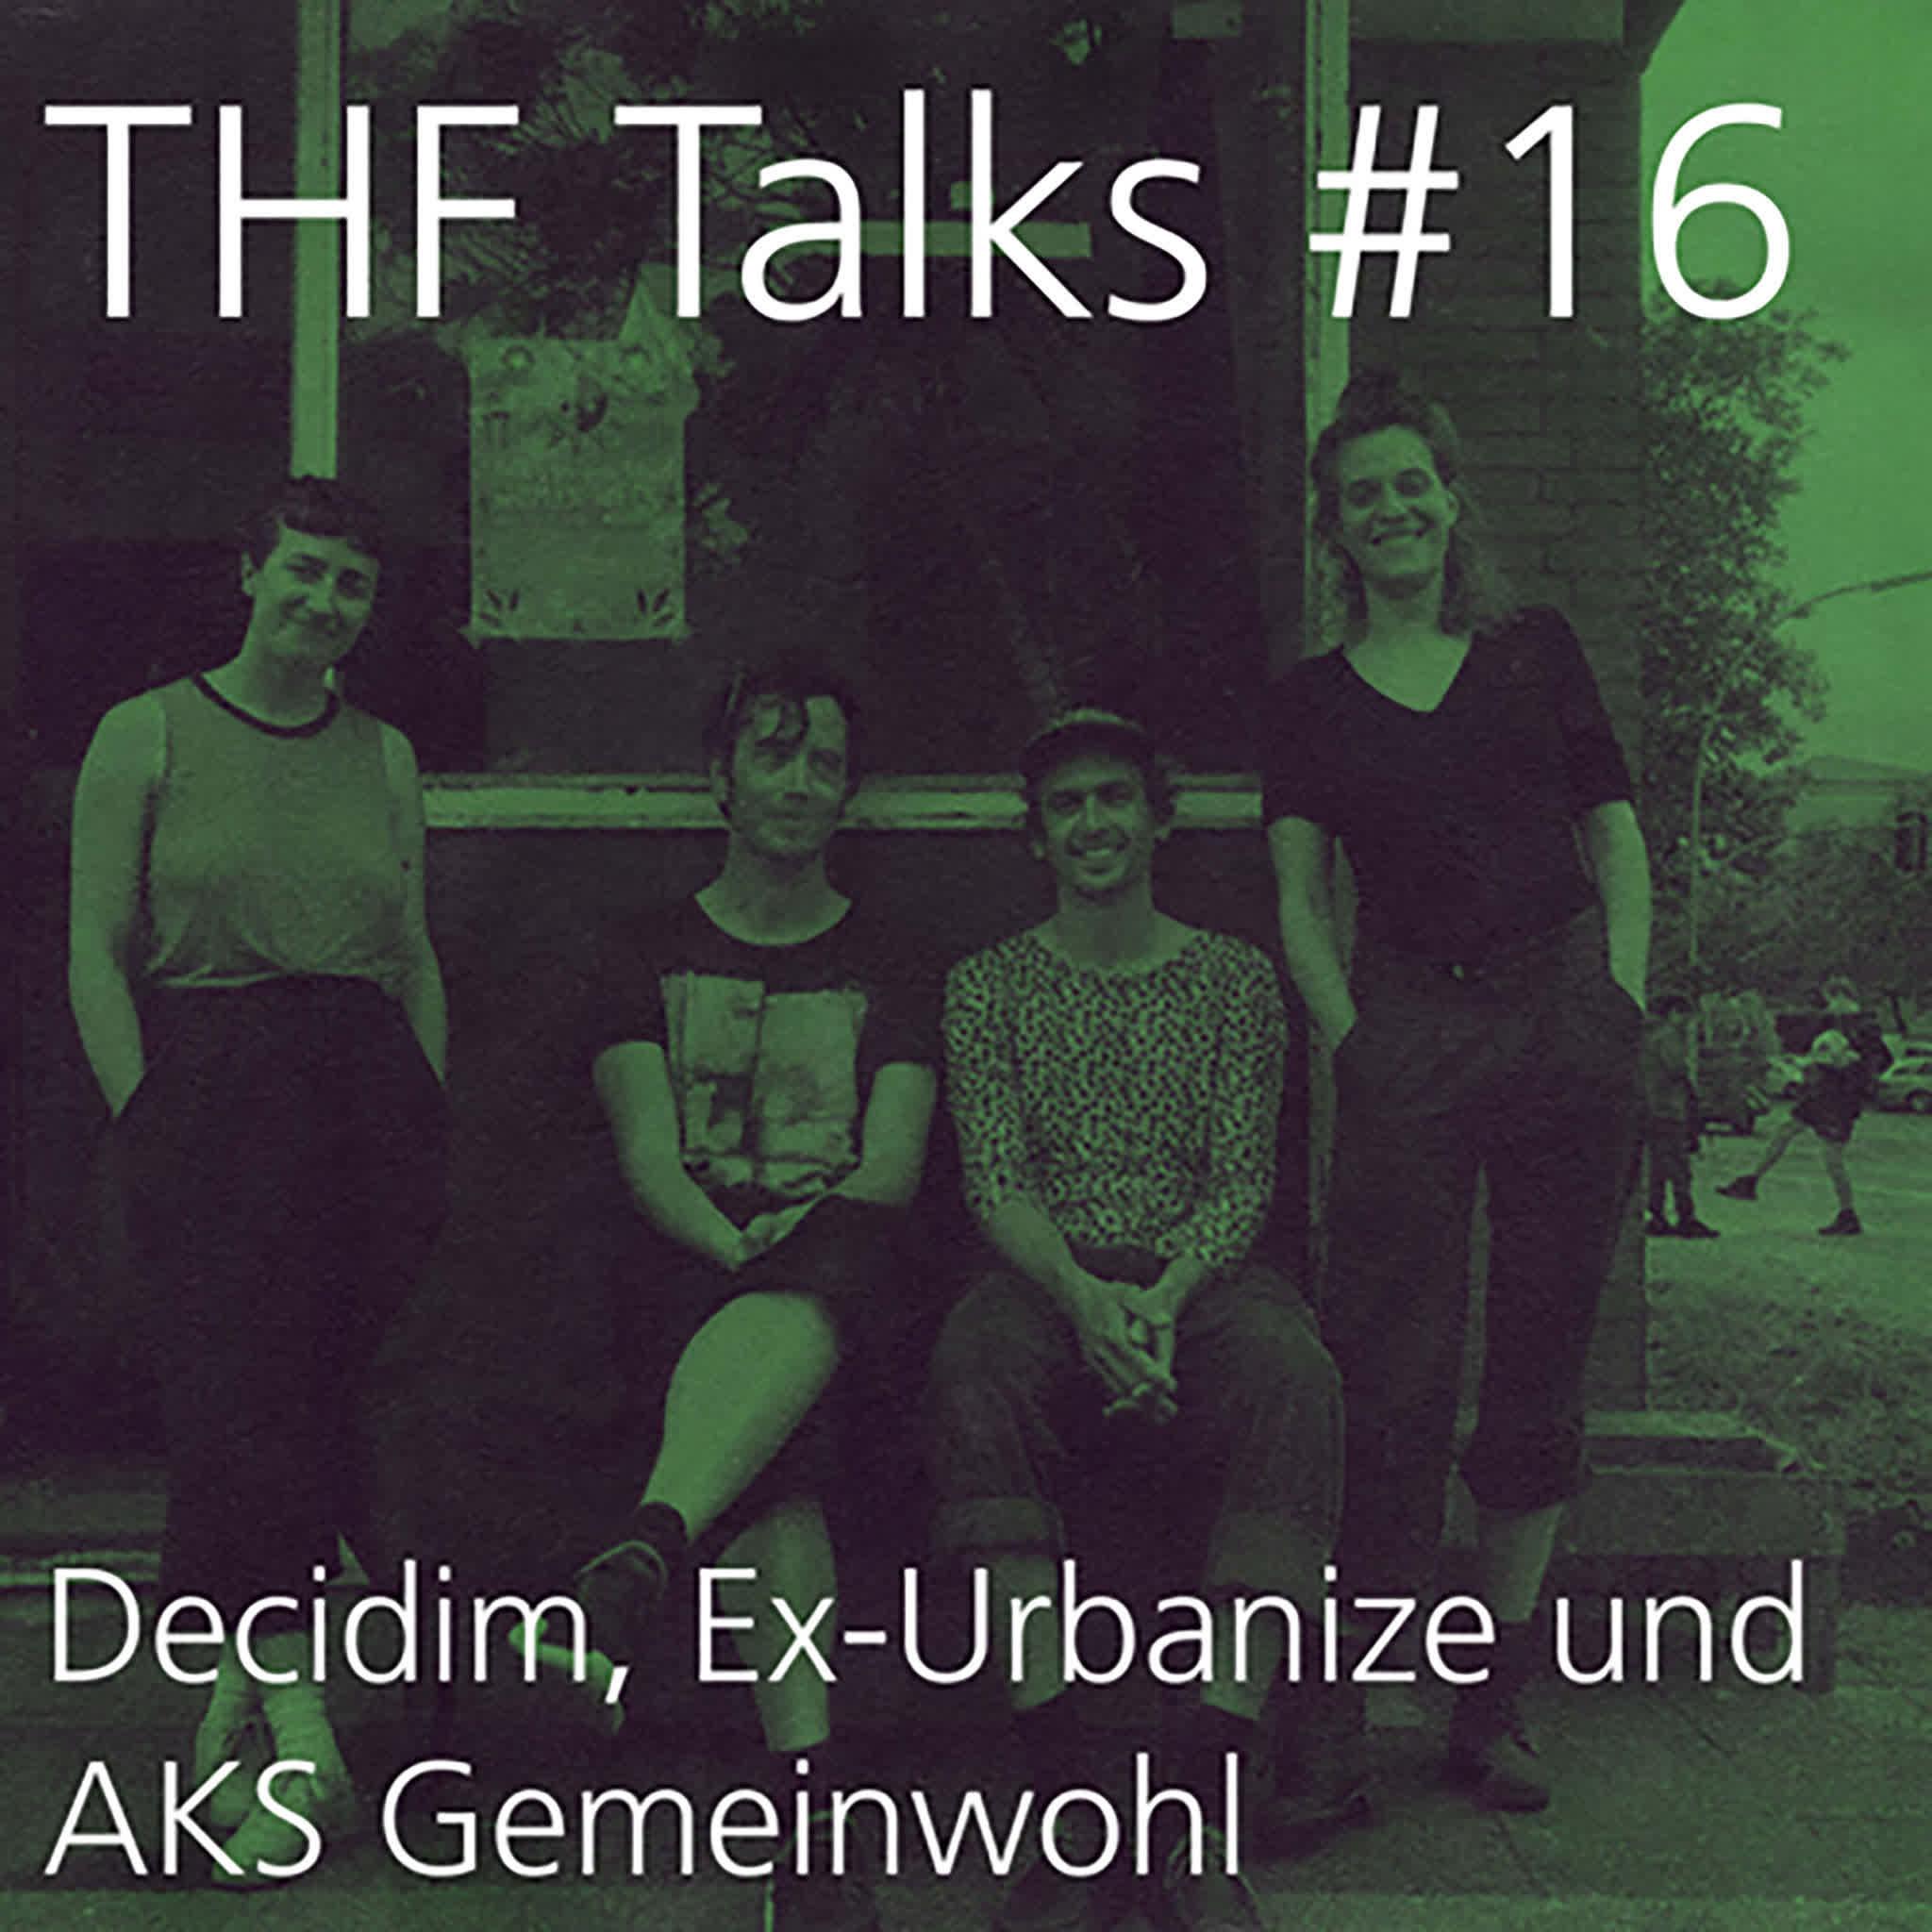 THF Talks #16 Decidim, Ex-Urbanize und AKS Gemeinwohl